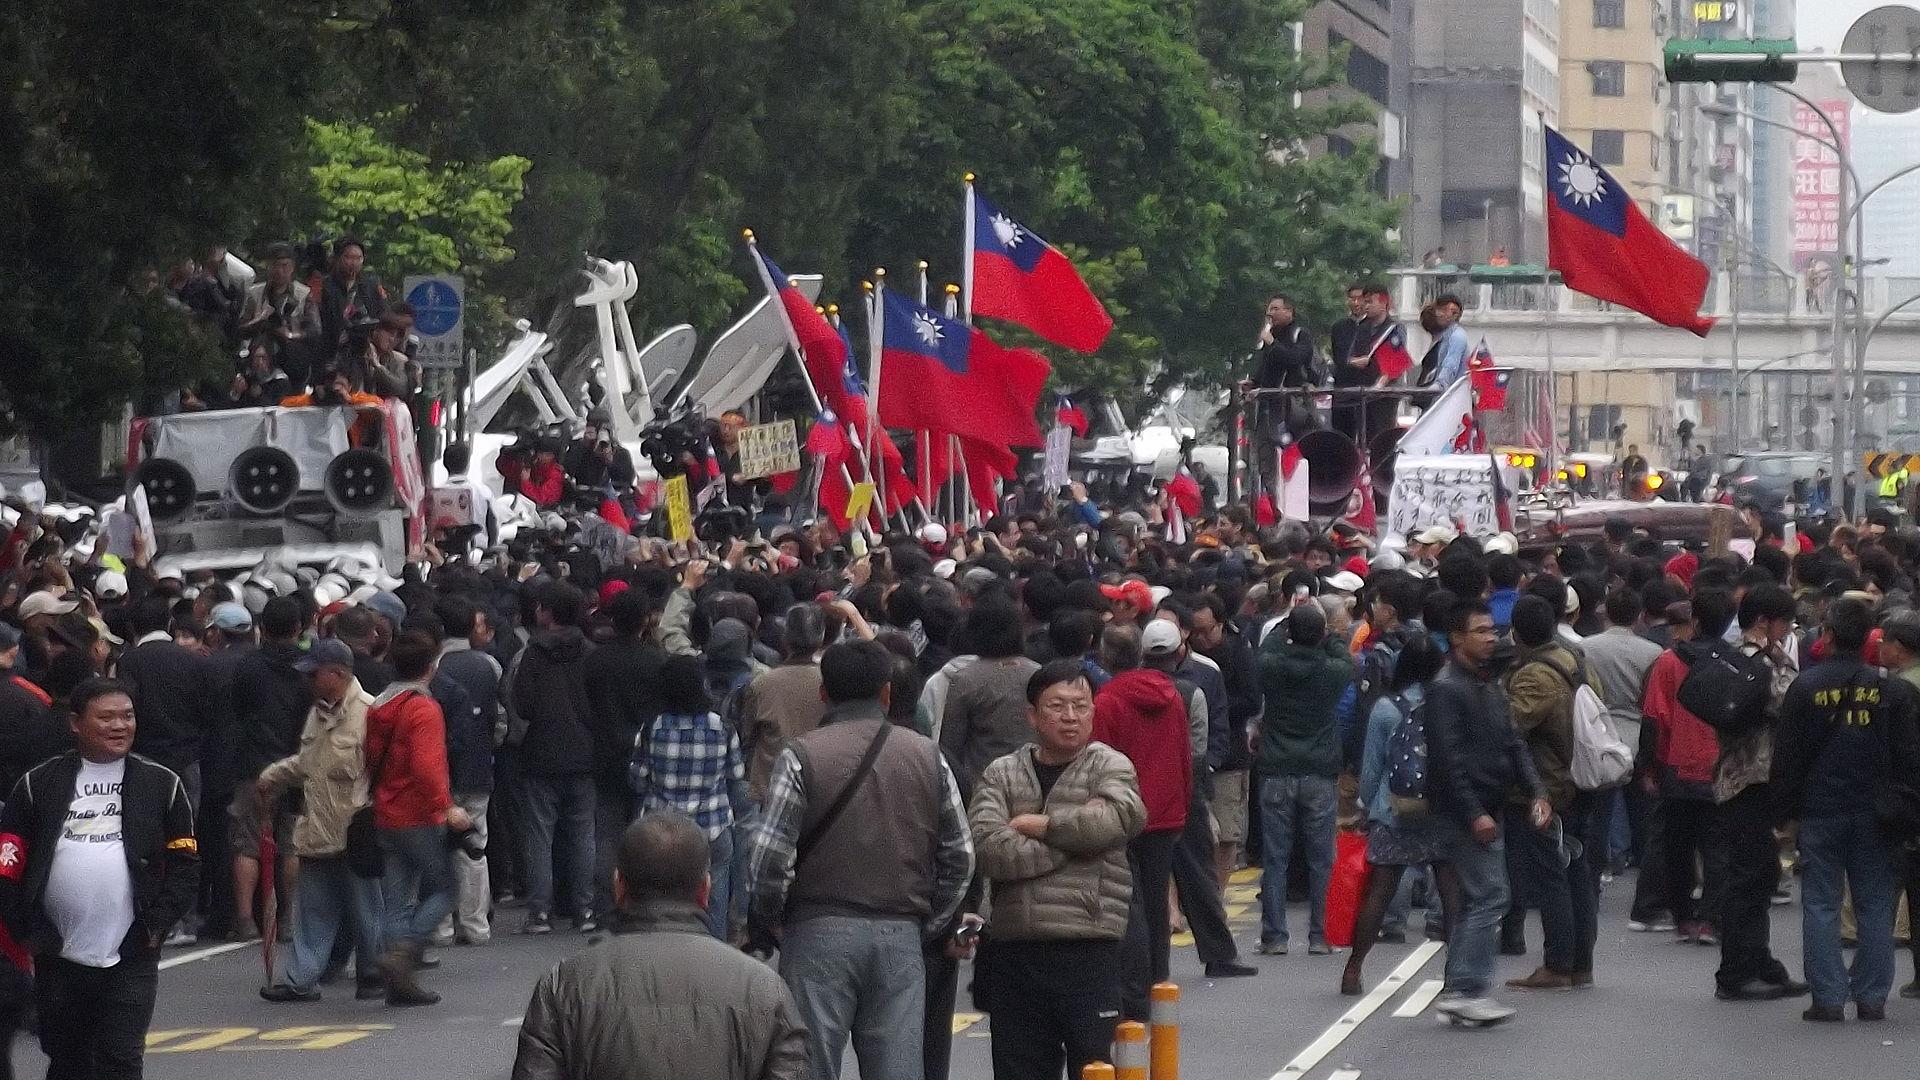 張安樂國會示威事件 - 维基百科,自由的百科全书